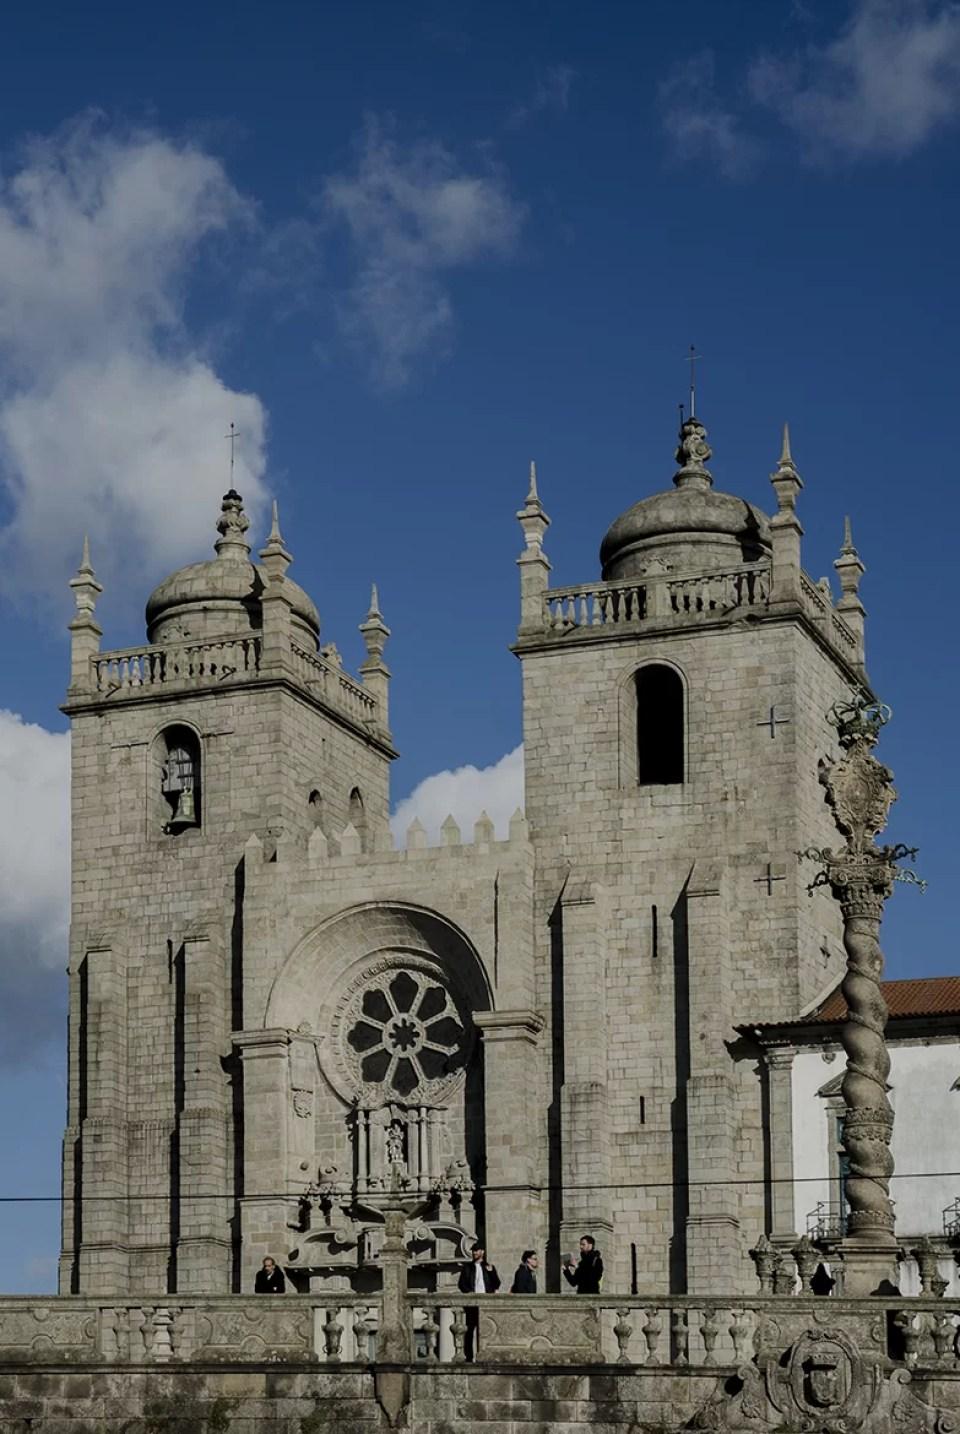 Porto katedra z dwoma wiezami